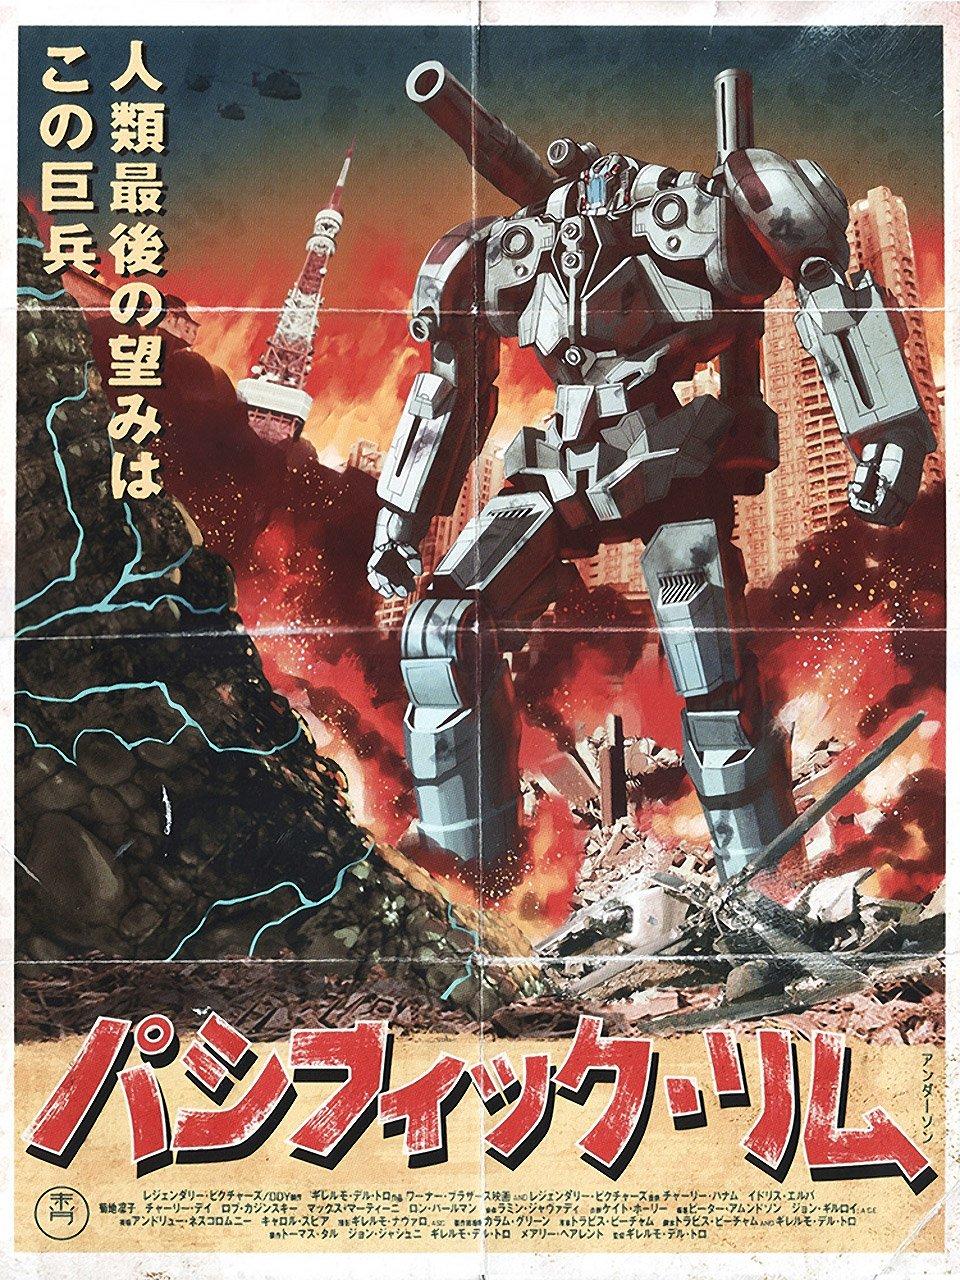 Pacific Rim Kaiju Poster Terrific Toho-Style Vi...